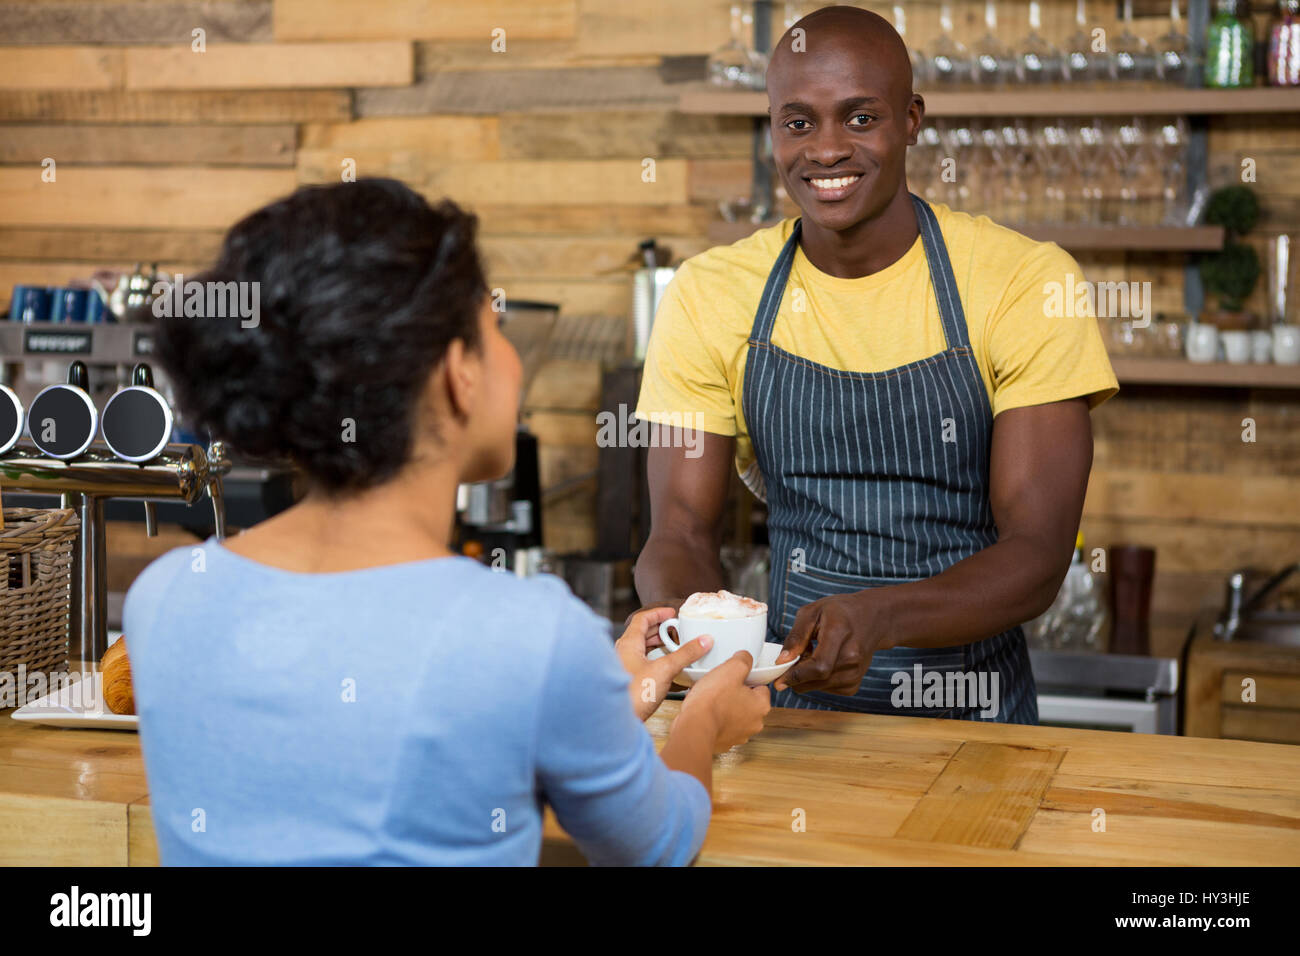 Porträt von glücklich männliche Barista Kaffee an Kunden im Coffee Shop serviert Stockfoto